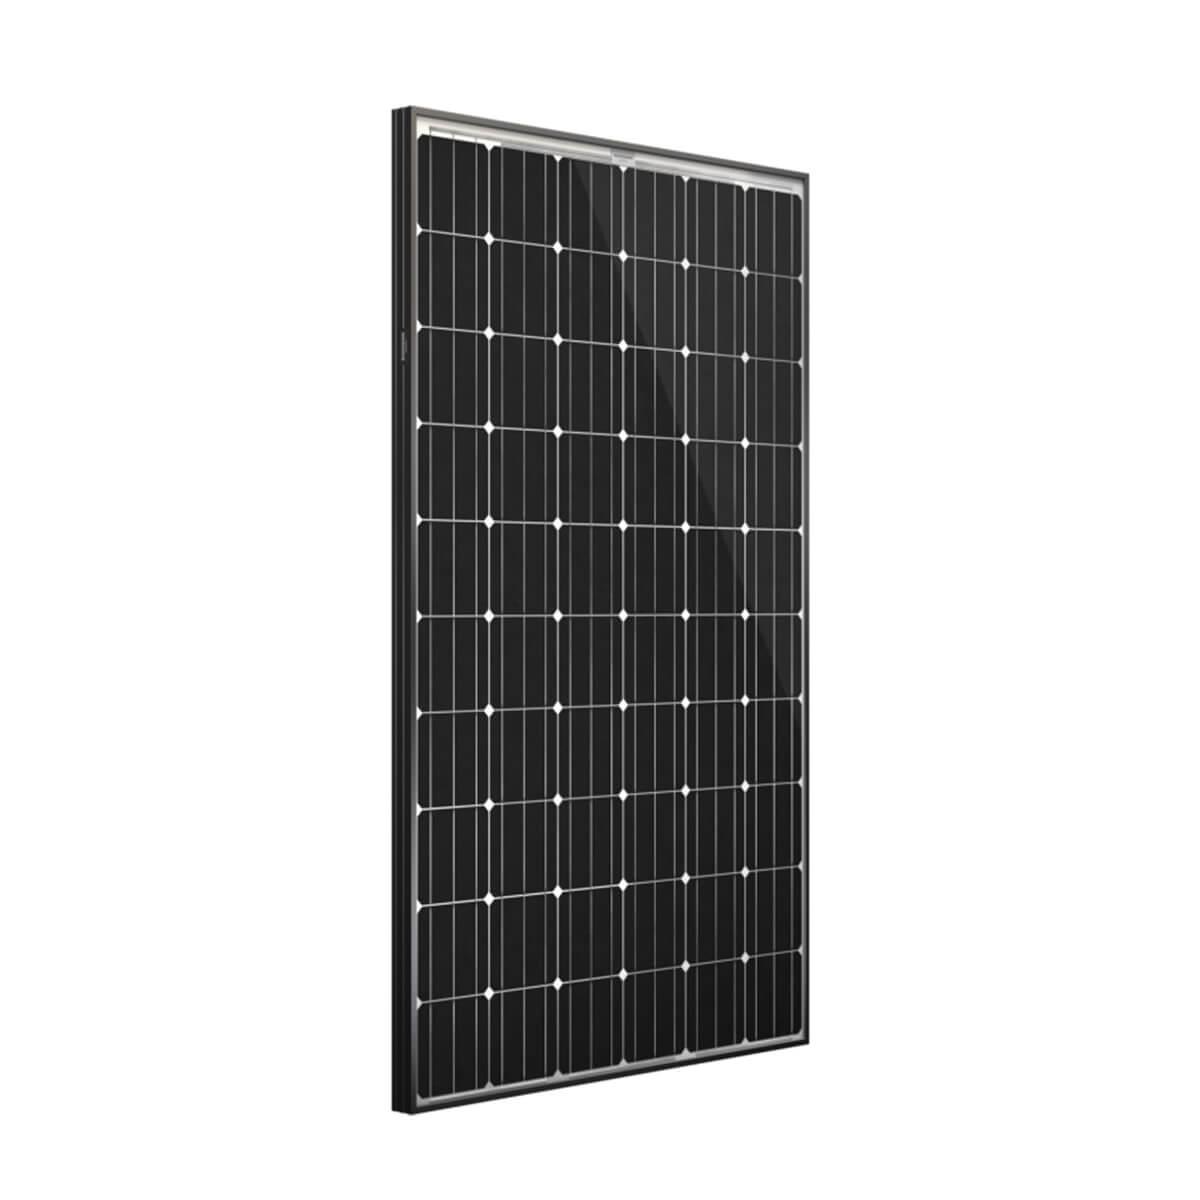 ankara solar 310W panel, ankara solar 310Watt panel, ankara solar 310 W panel, ankara solar 310 Watt panel, ankara solar 310 Watt monokristal panel, ankara solar 310 W watt gunes paneli, ankara solar 310 W watt monokristal gunes paneli, ankara solar 310 W Watt fotovoltaik monokristal solar panel, ankara solar 310W monokristal gunes enerjisi, ankara solar AS-M60-310W panel, ANKARA SOLAR 310 WATT